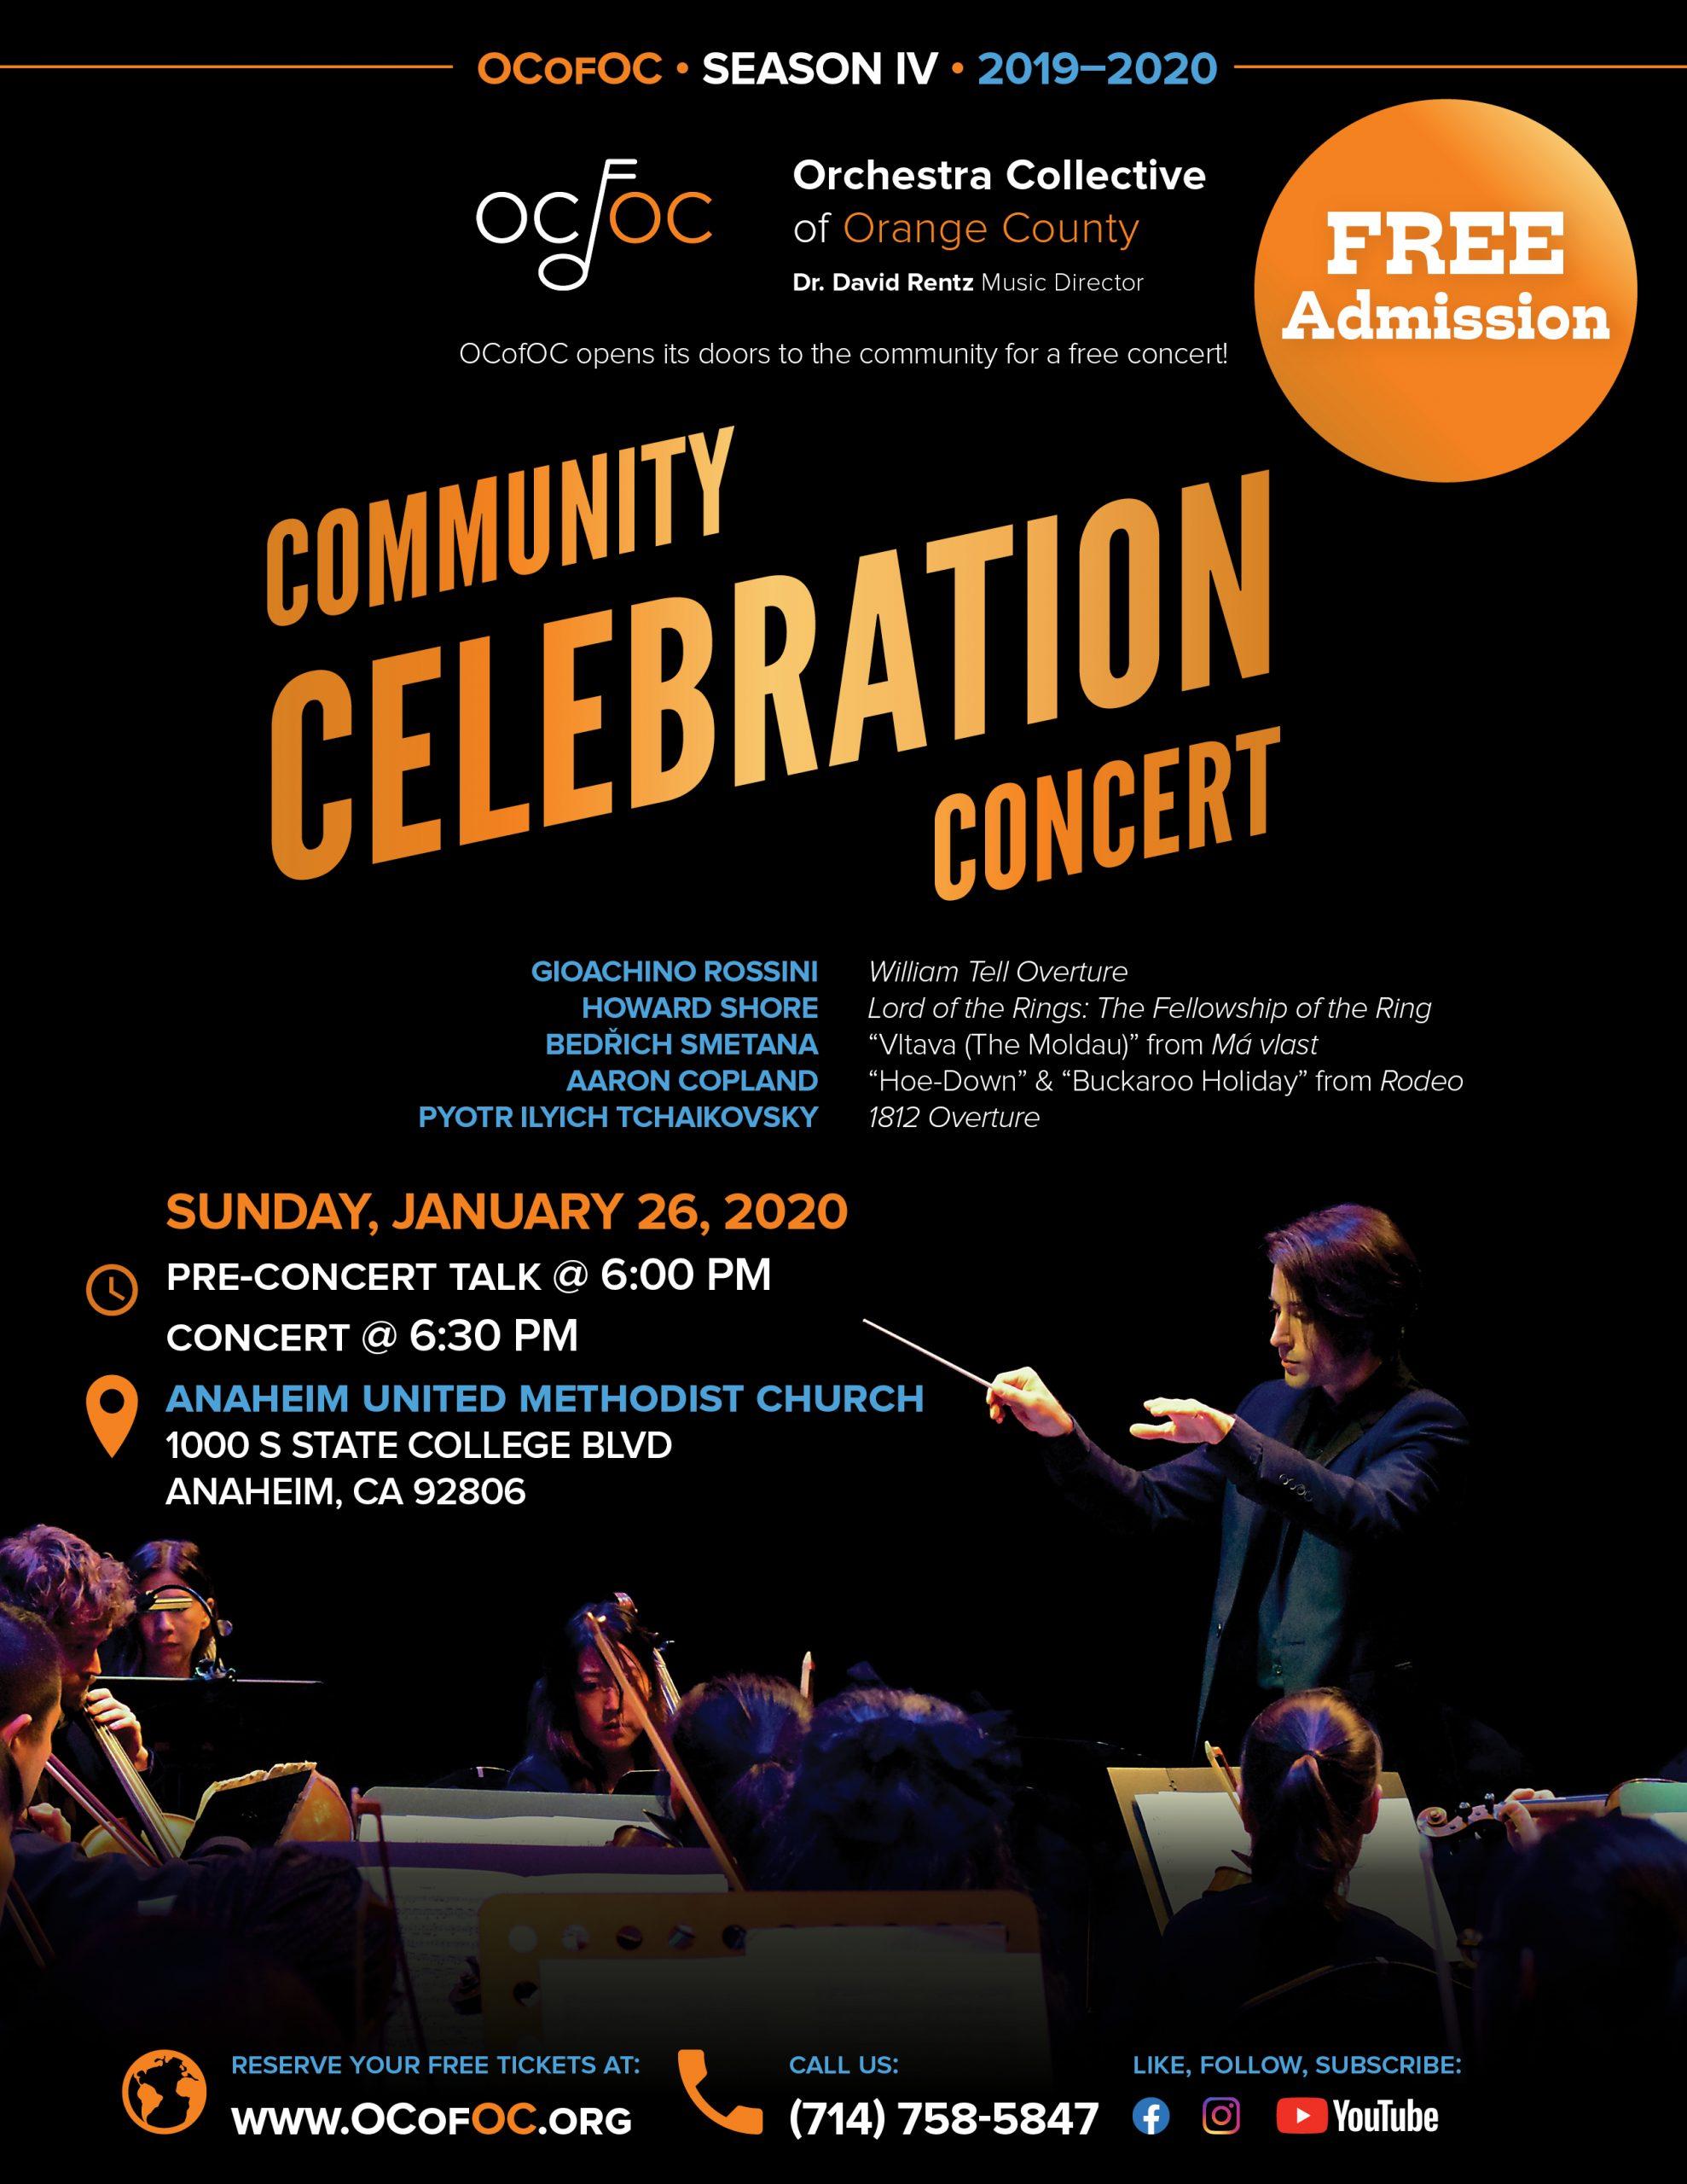 OCofOC Concert Flyer for 1-26-19 Concert